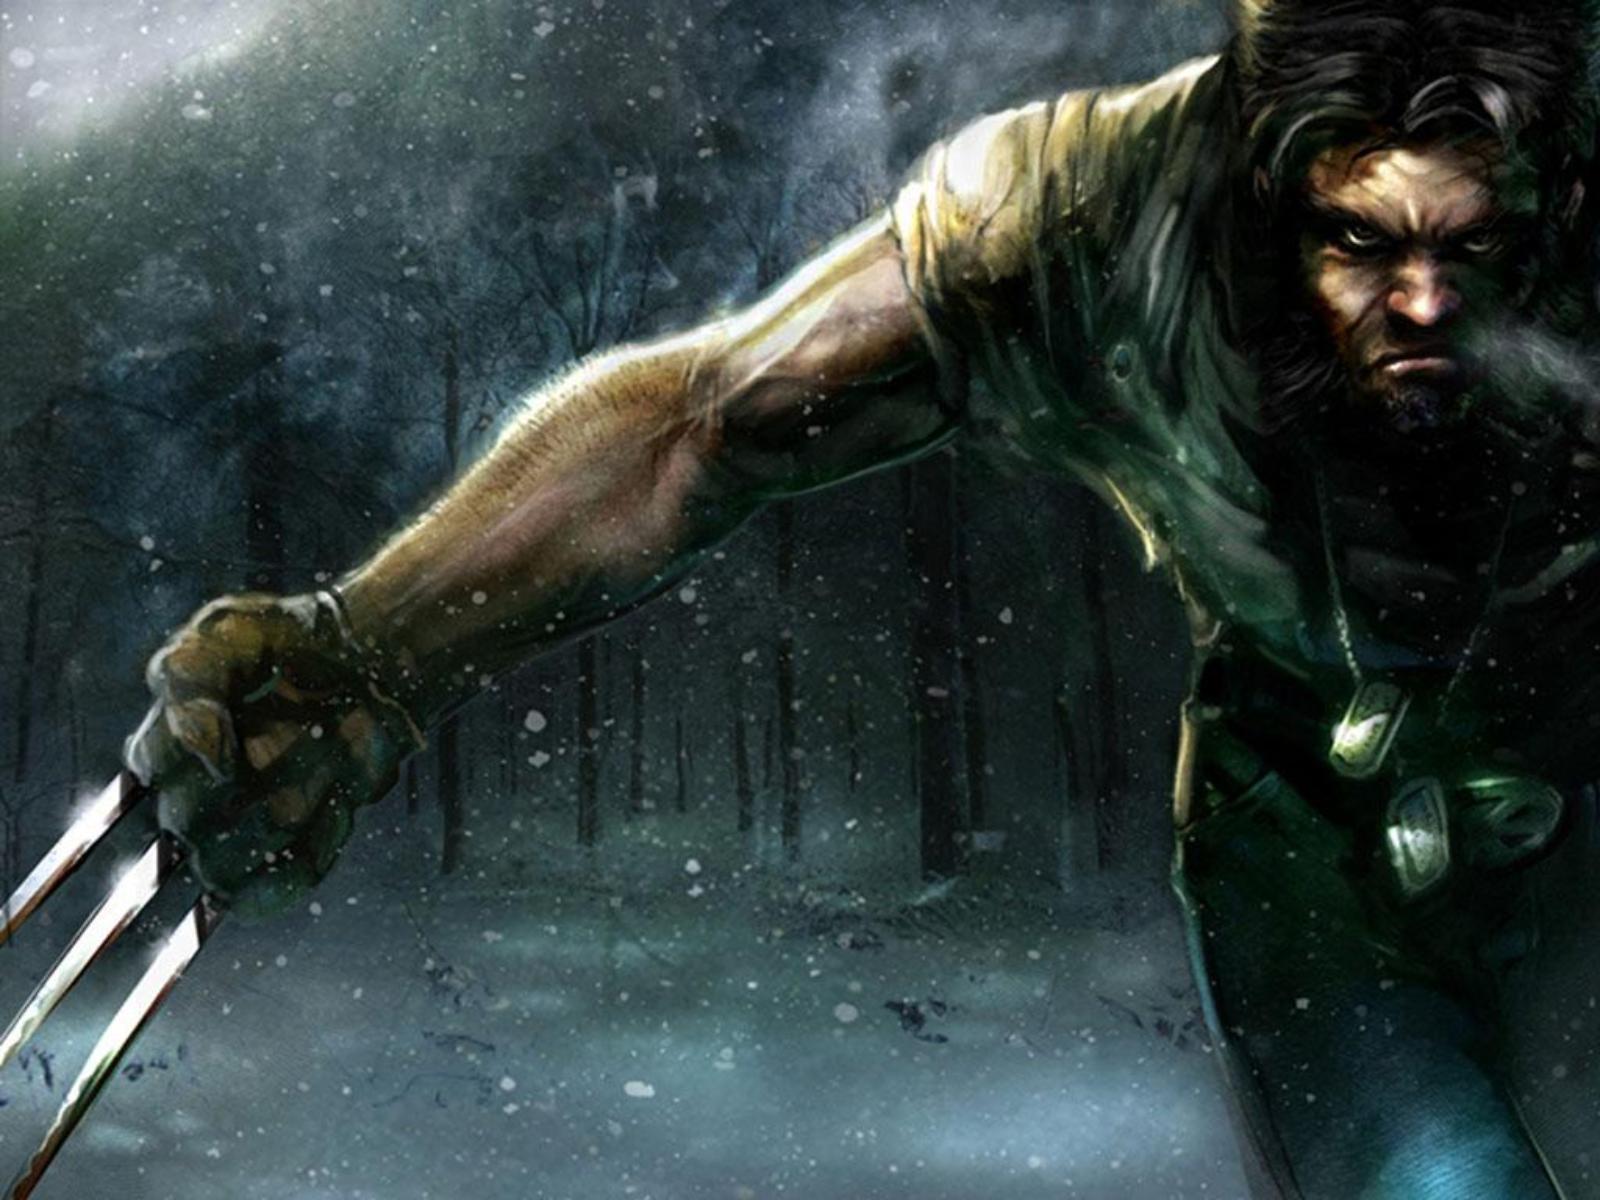 """Wolverine : ★質感が""""Like!""""なアメコミヒーロー壁紙Wallpaper★ - NAVER まとめ X 23 Marvel Avengers Alliance"""